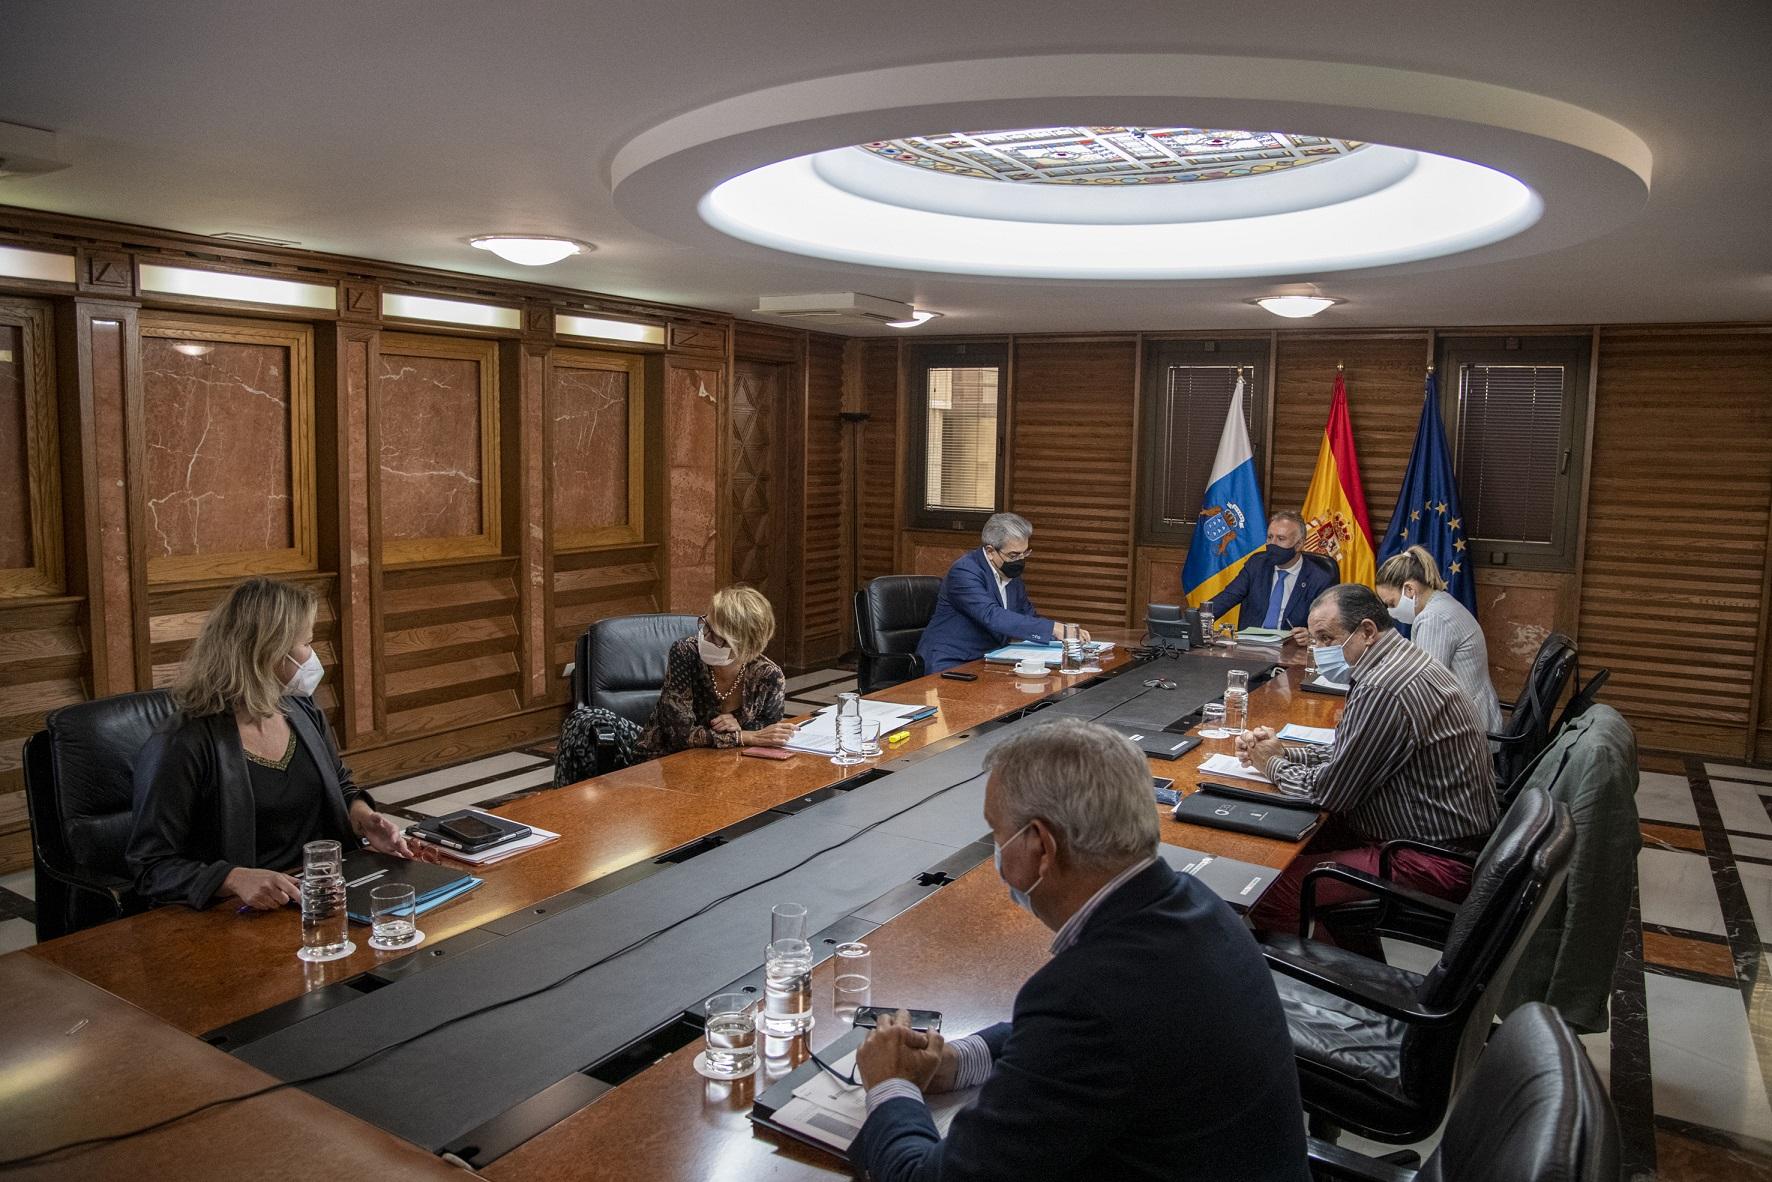 El Gobierno de Canarias presentará a partir de enero un plan de medidas en apoyo a empresas y autónomos